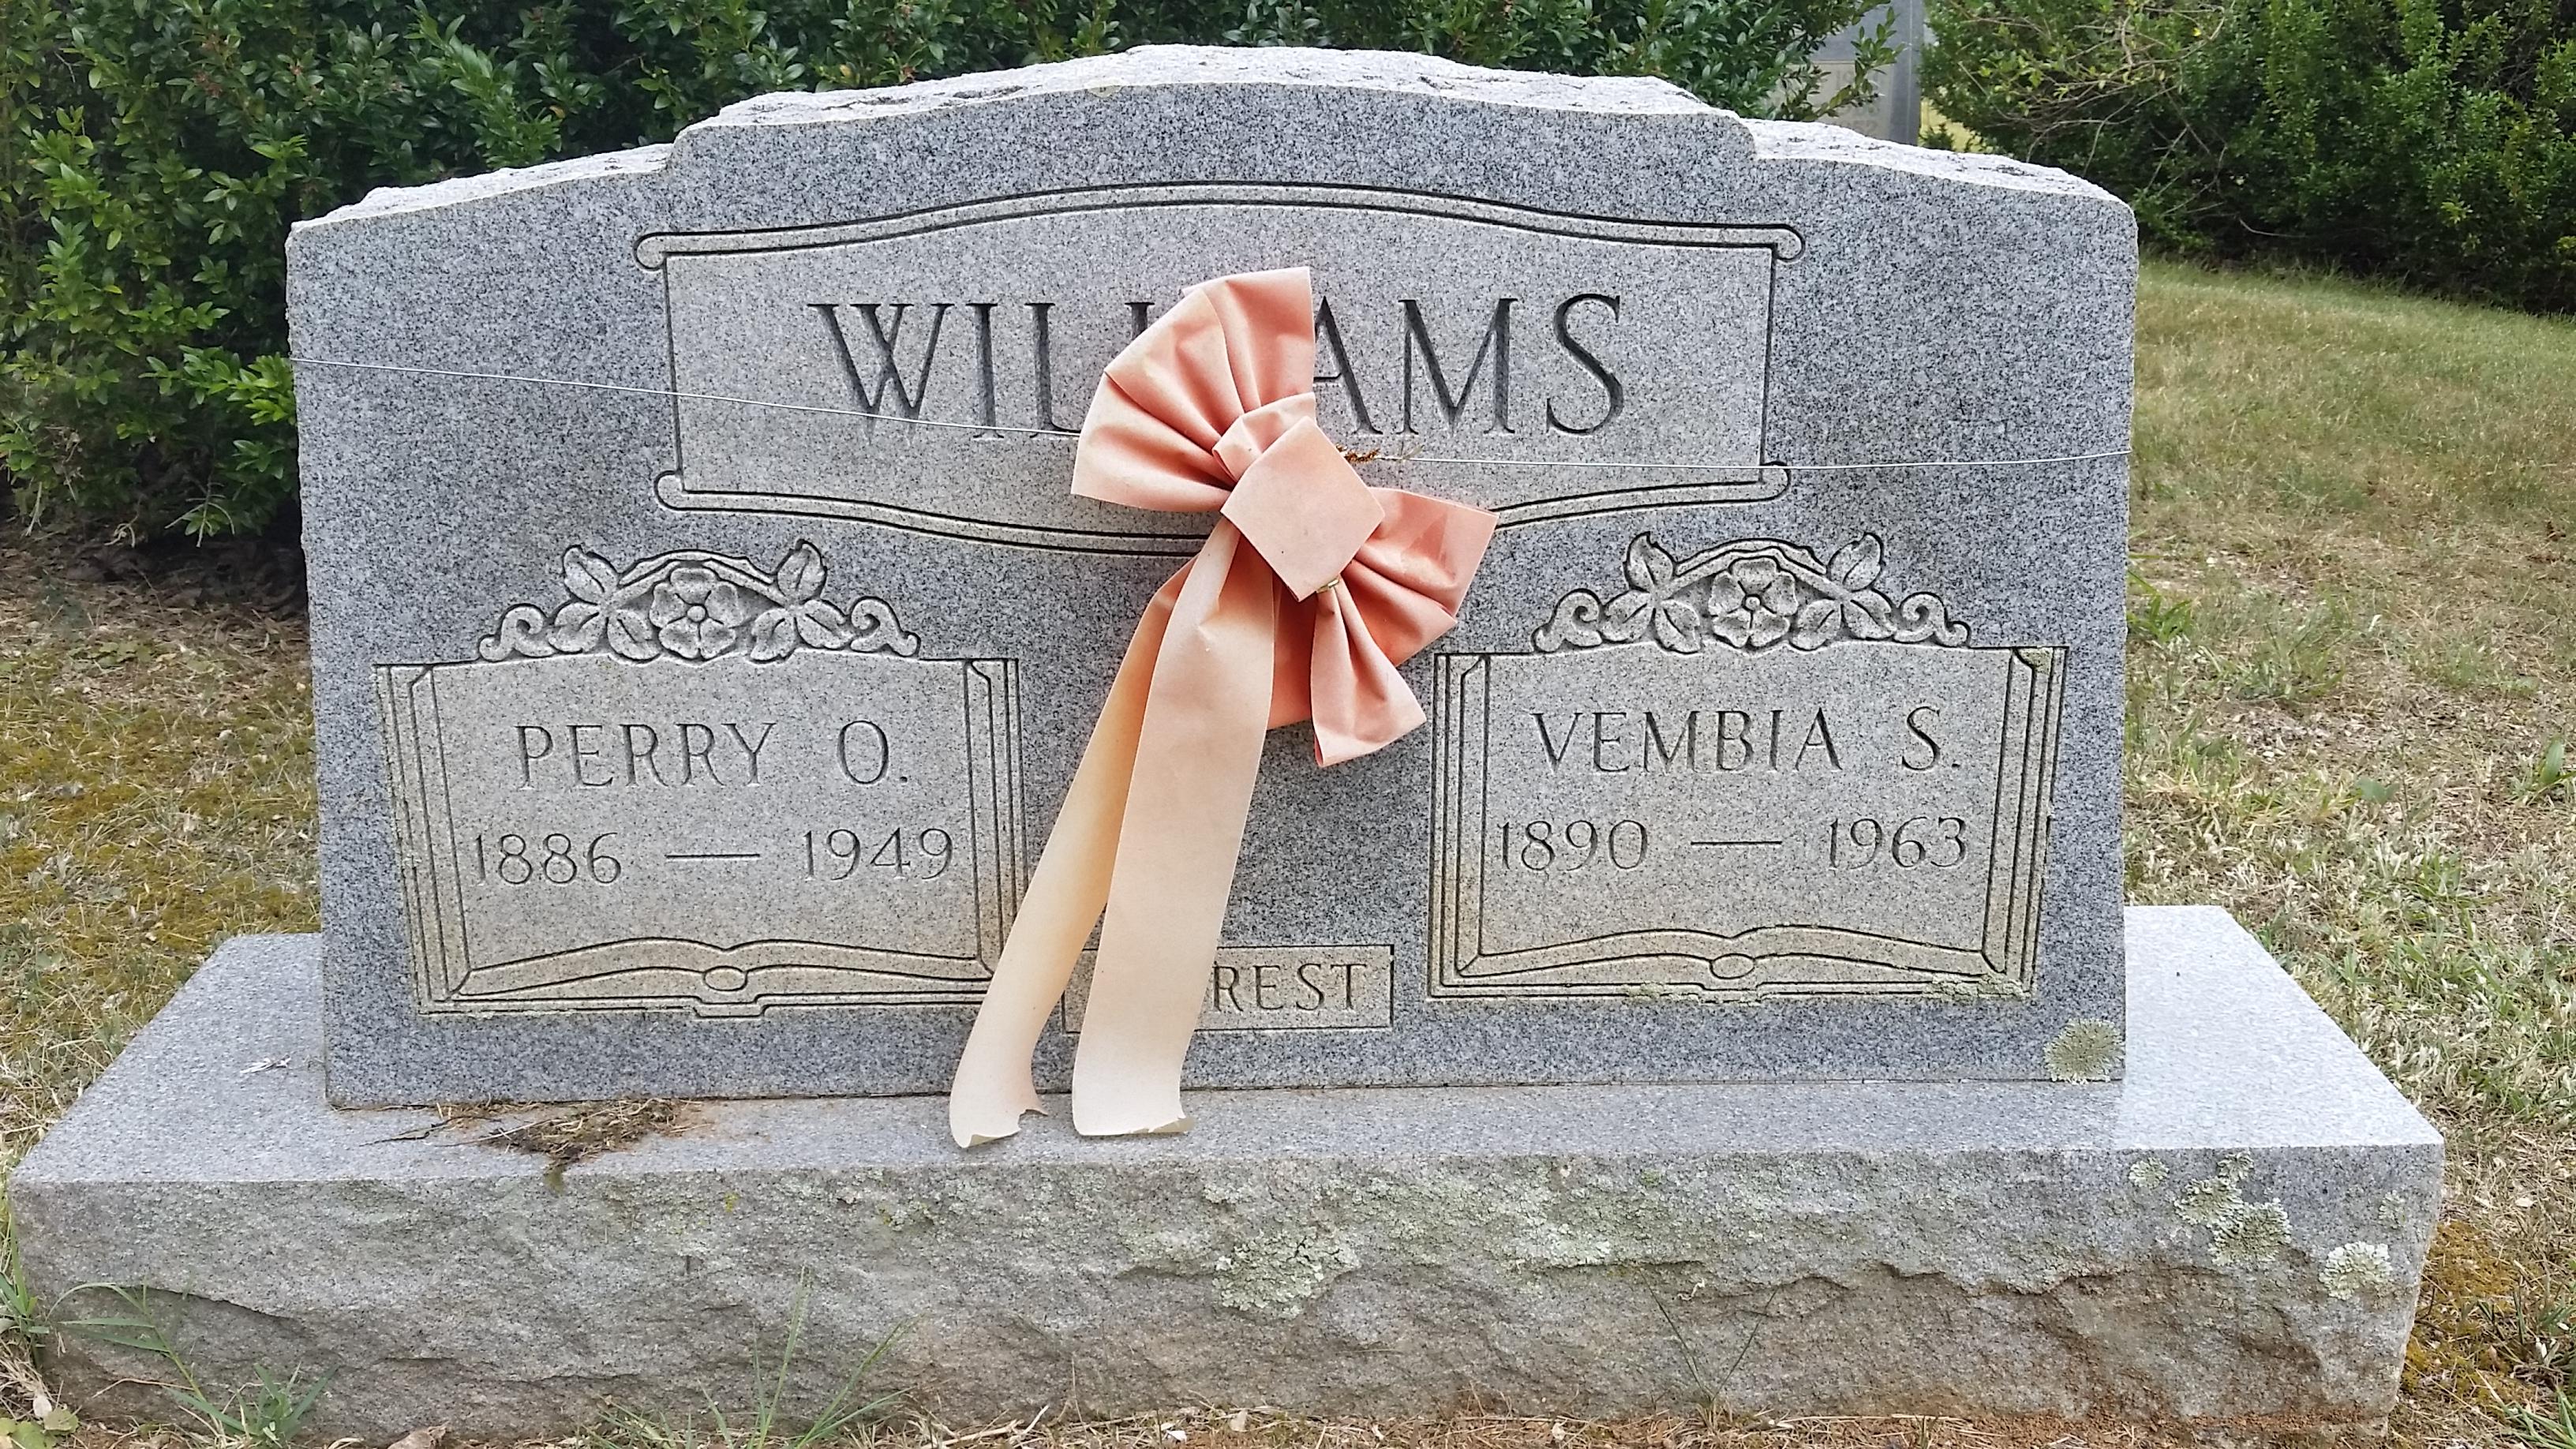 Perry O. Williams